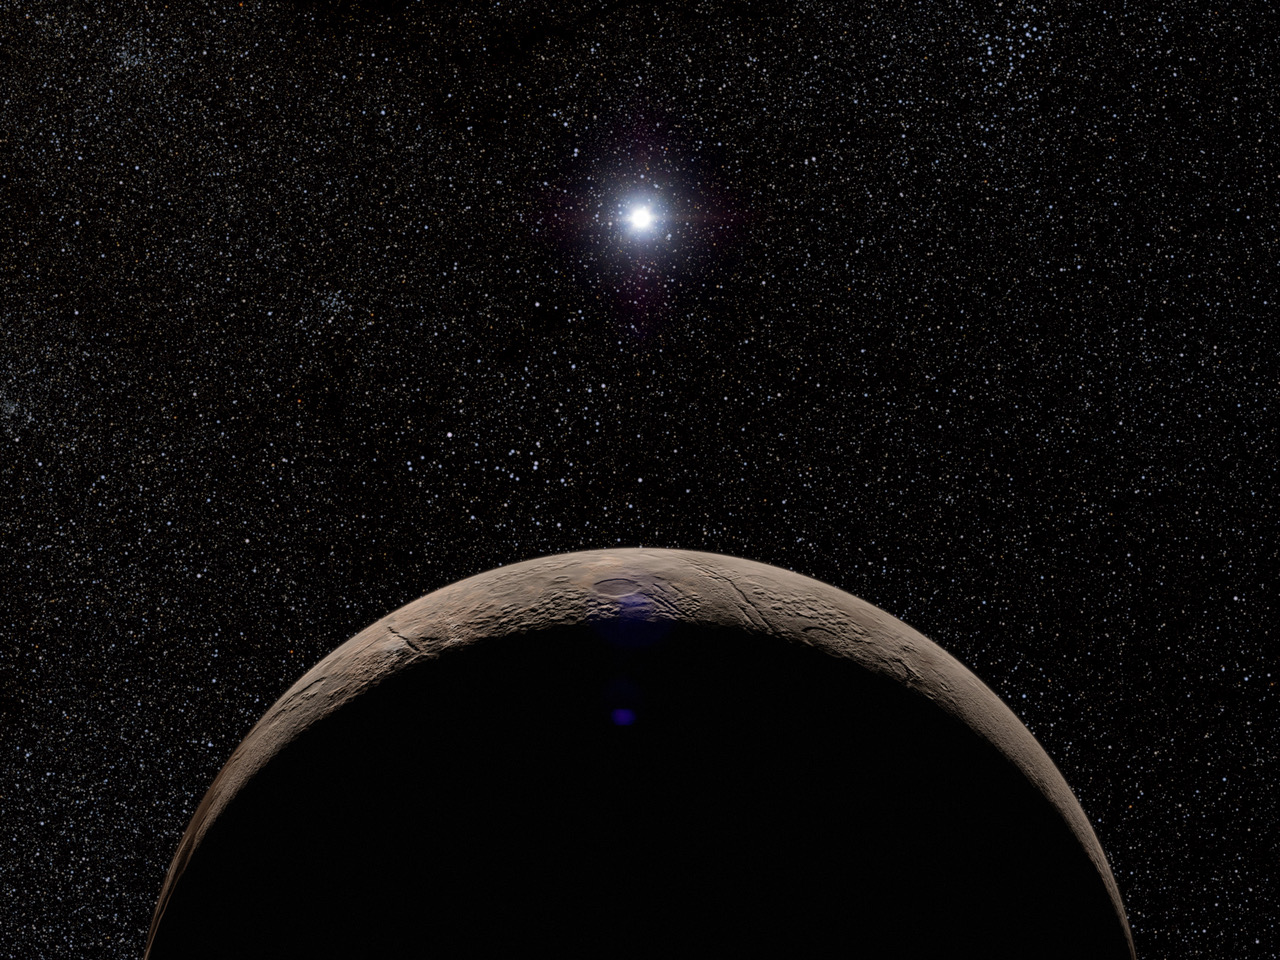 木曽トモエゴゼンによる恒星掩蔽観測に成功し、大気がほとんど存在しないことが判明した太陽系外縁天体クワオアー(Quaoar)の想像図。© 有松亘/AONEKOYA (2019.11.27)